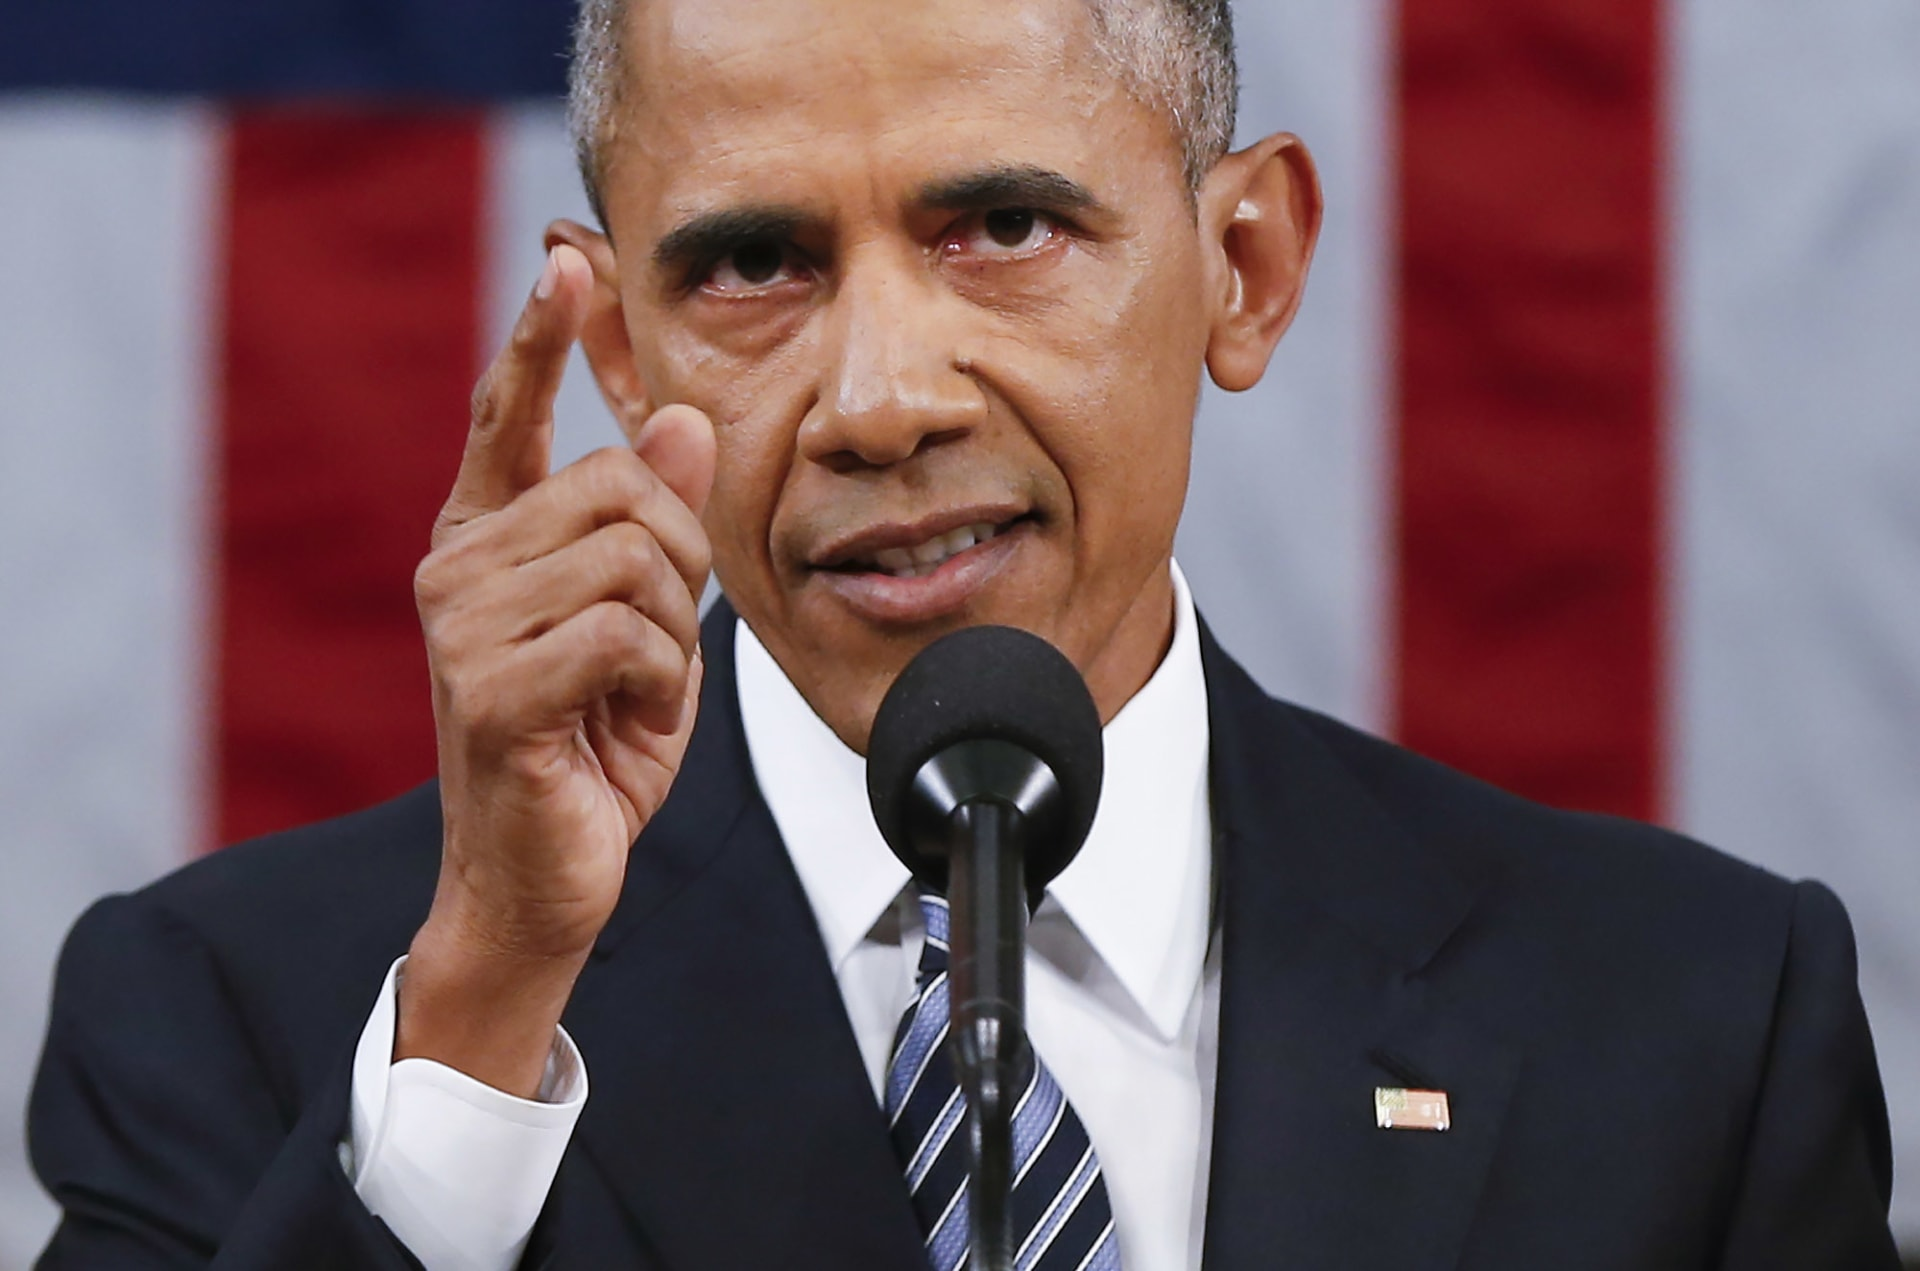 """سيناتور أمريكي عن تحويل 400 مليون دولار لإيران: أوباما يتصرف كـ""""قائد عام لتجار المخدرات"""""""